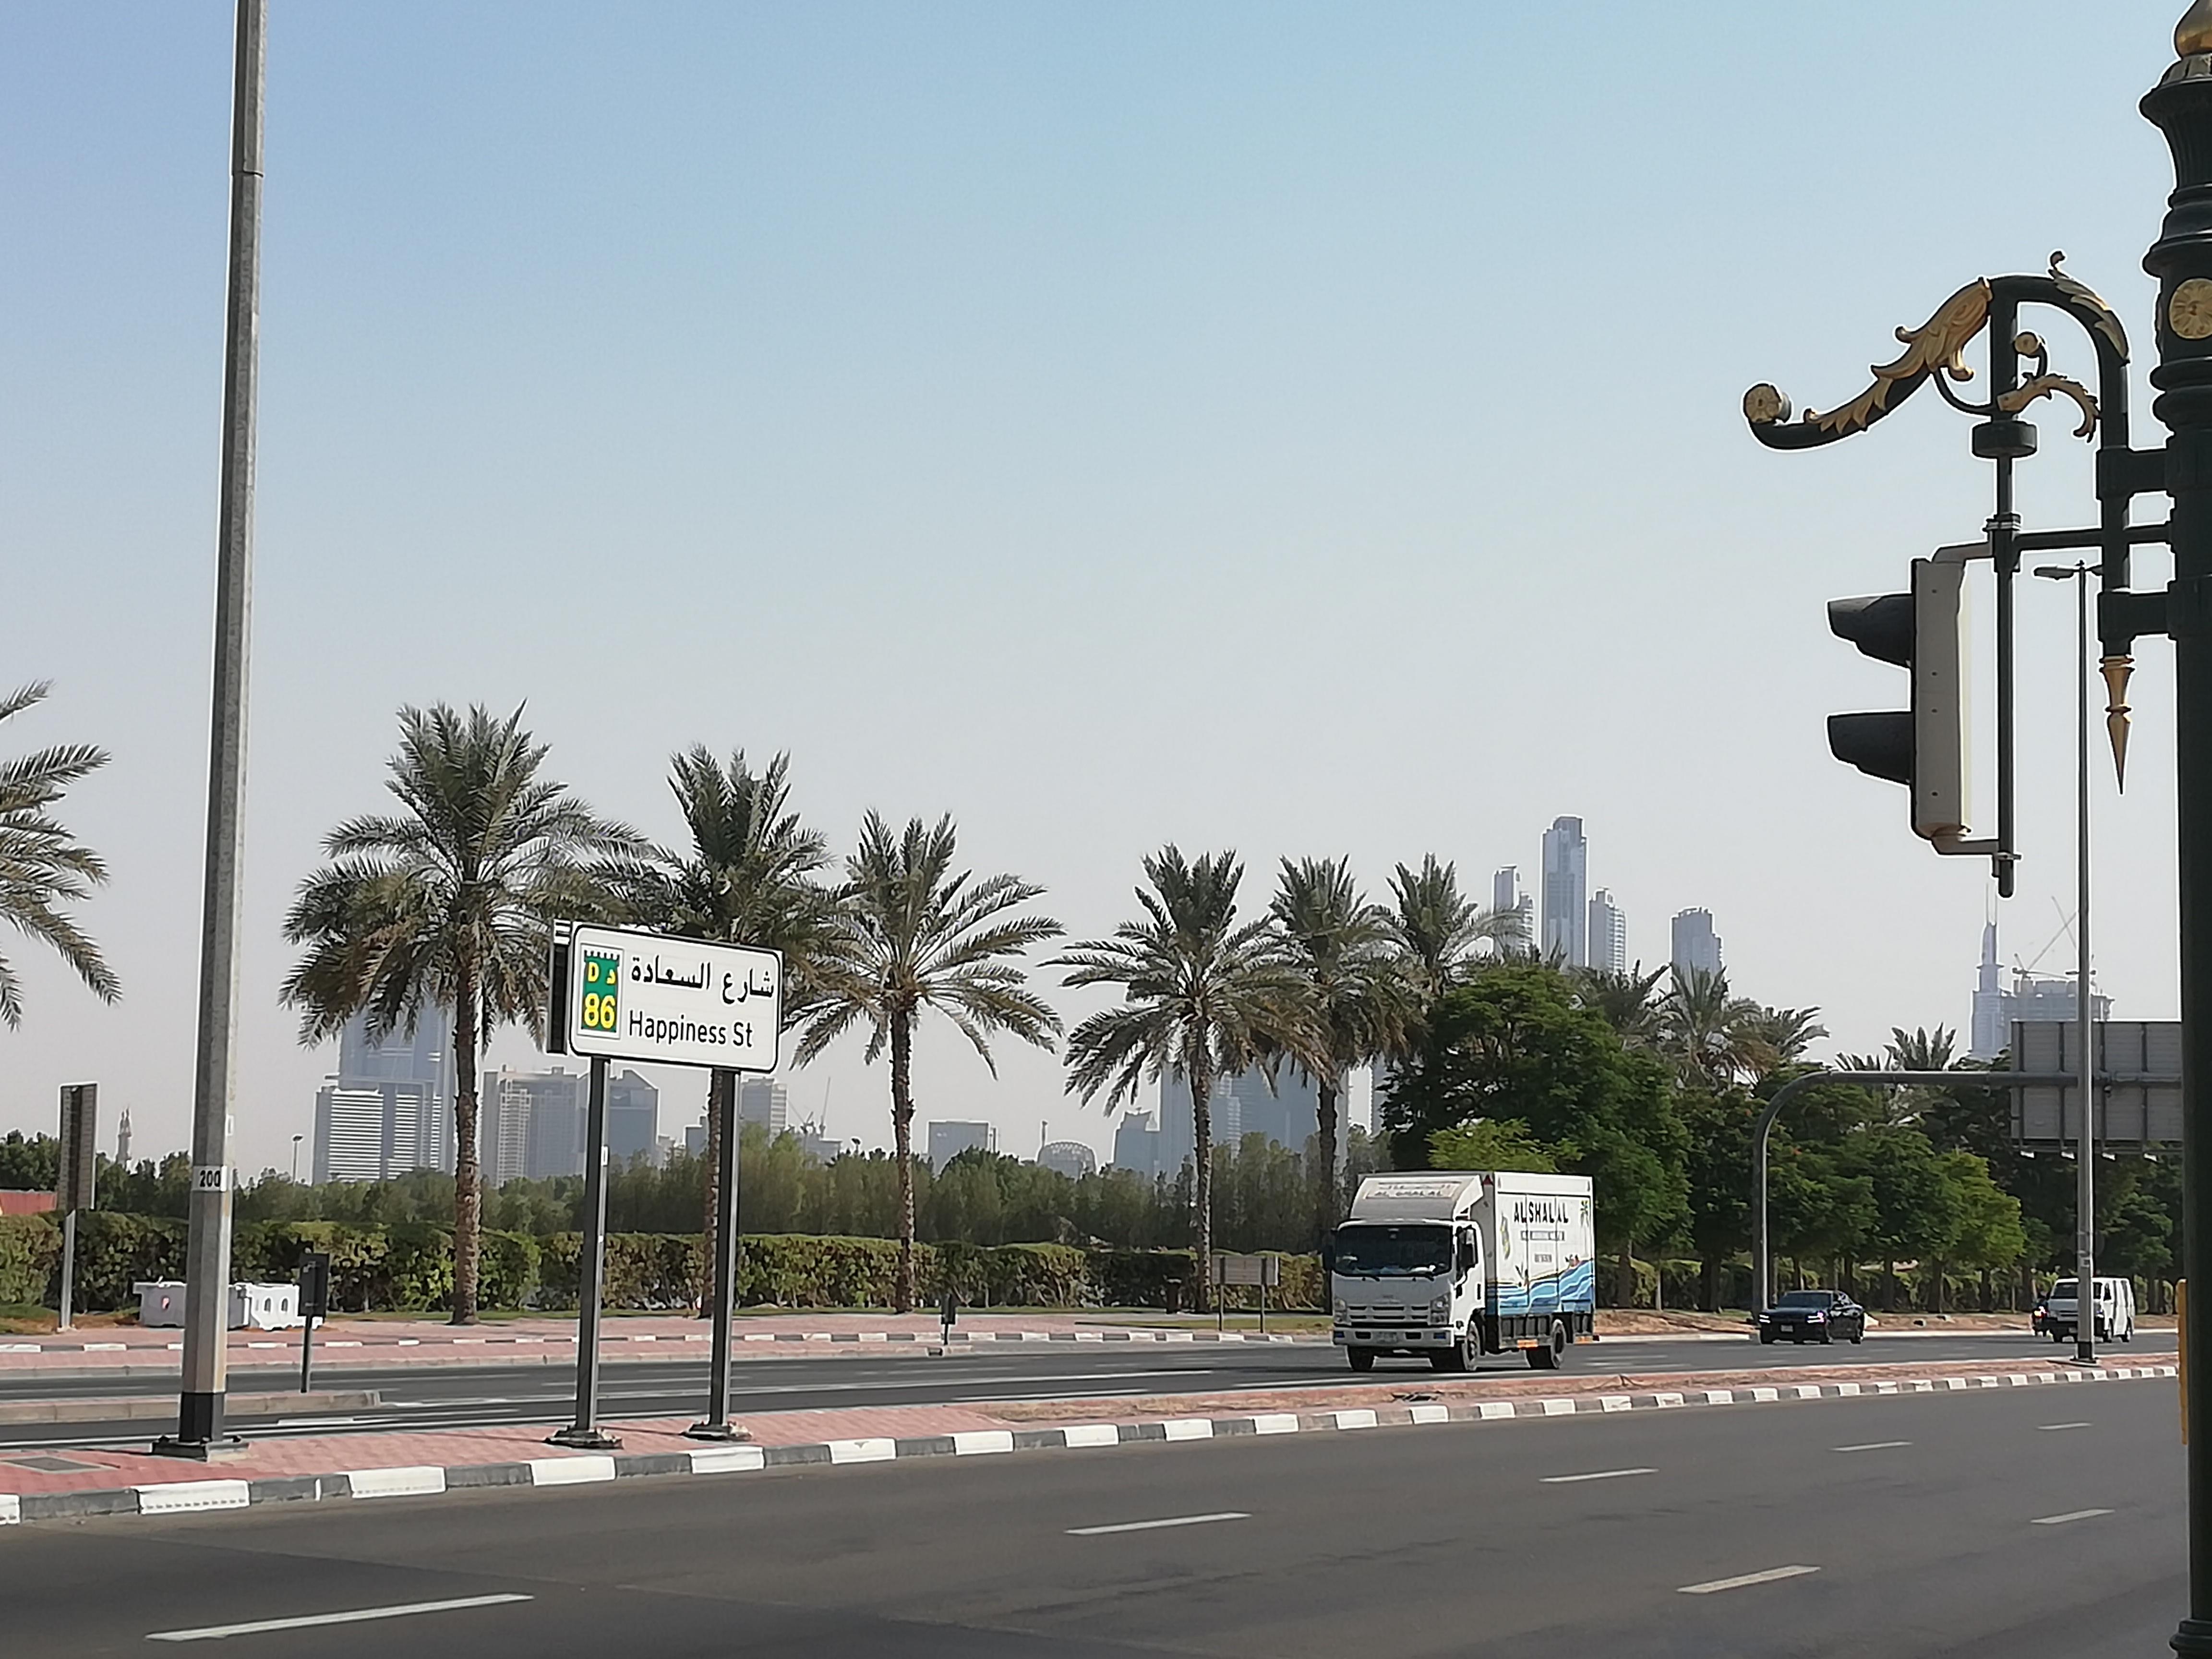 Impresii din Dubai. Ce este nevoie pentru a avea o societate prospera